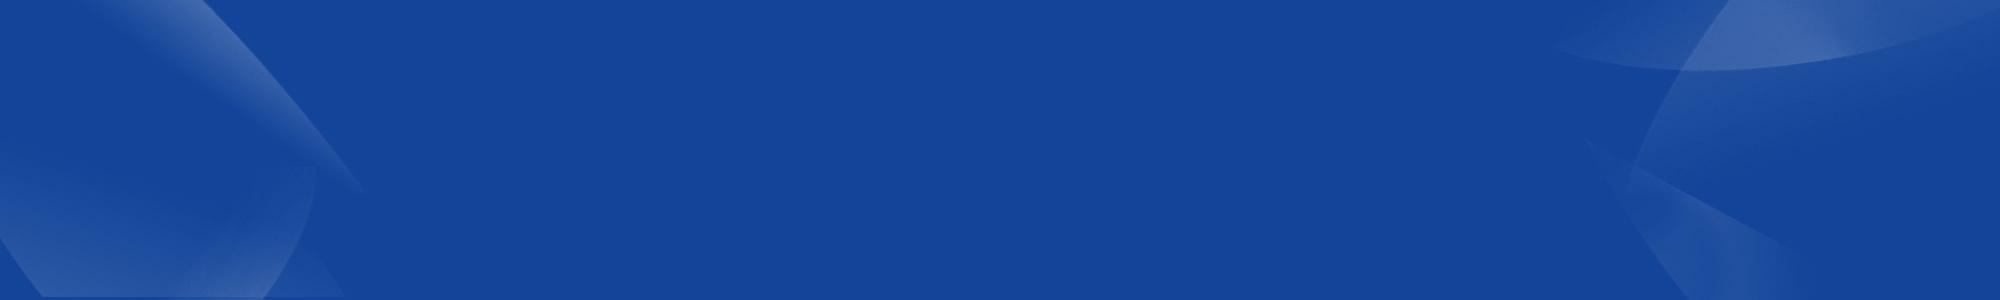 slider_bg_blue_5